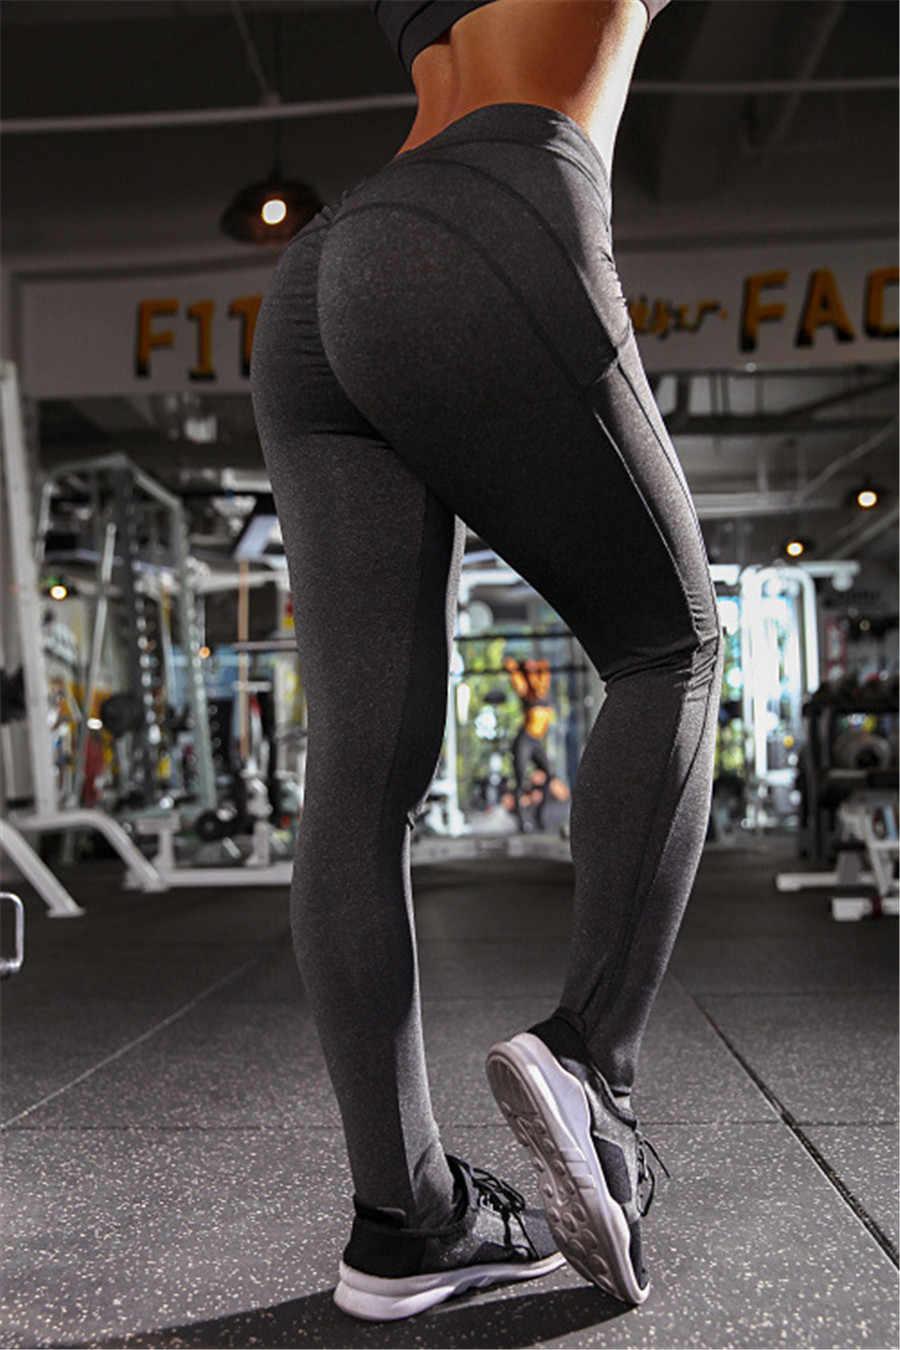 131495eadbb86 ... YICN Yoga Pants Sport Leggings Women Sport Fitness high waist V Shape  Legging Push Up Leggings